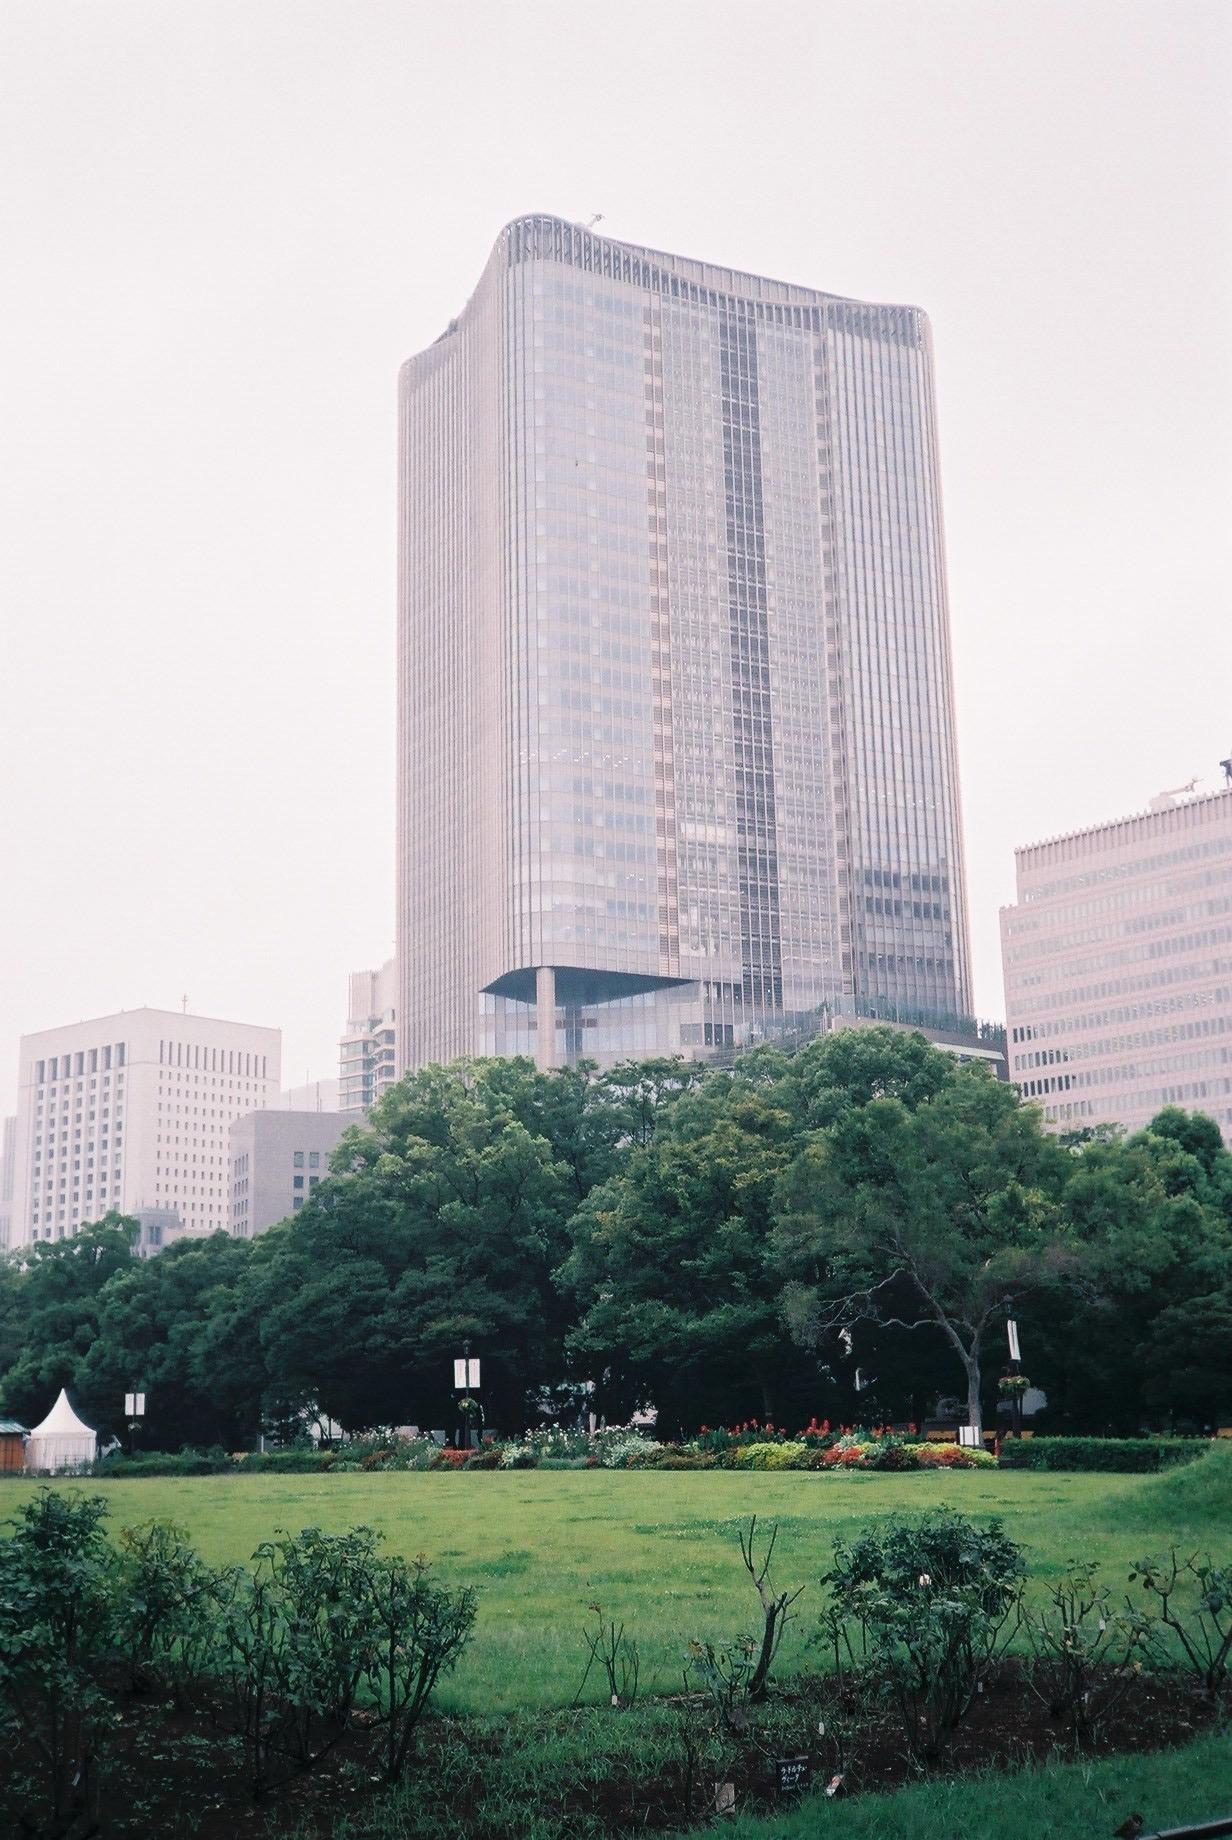 都市はフィルムで撮ると優しく、デジタルで撮ると力強くなったりする。